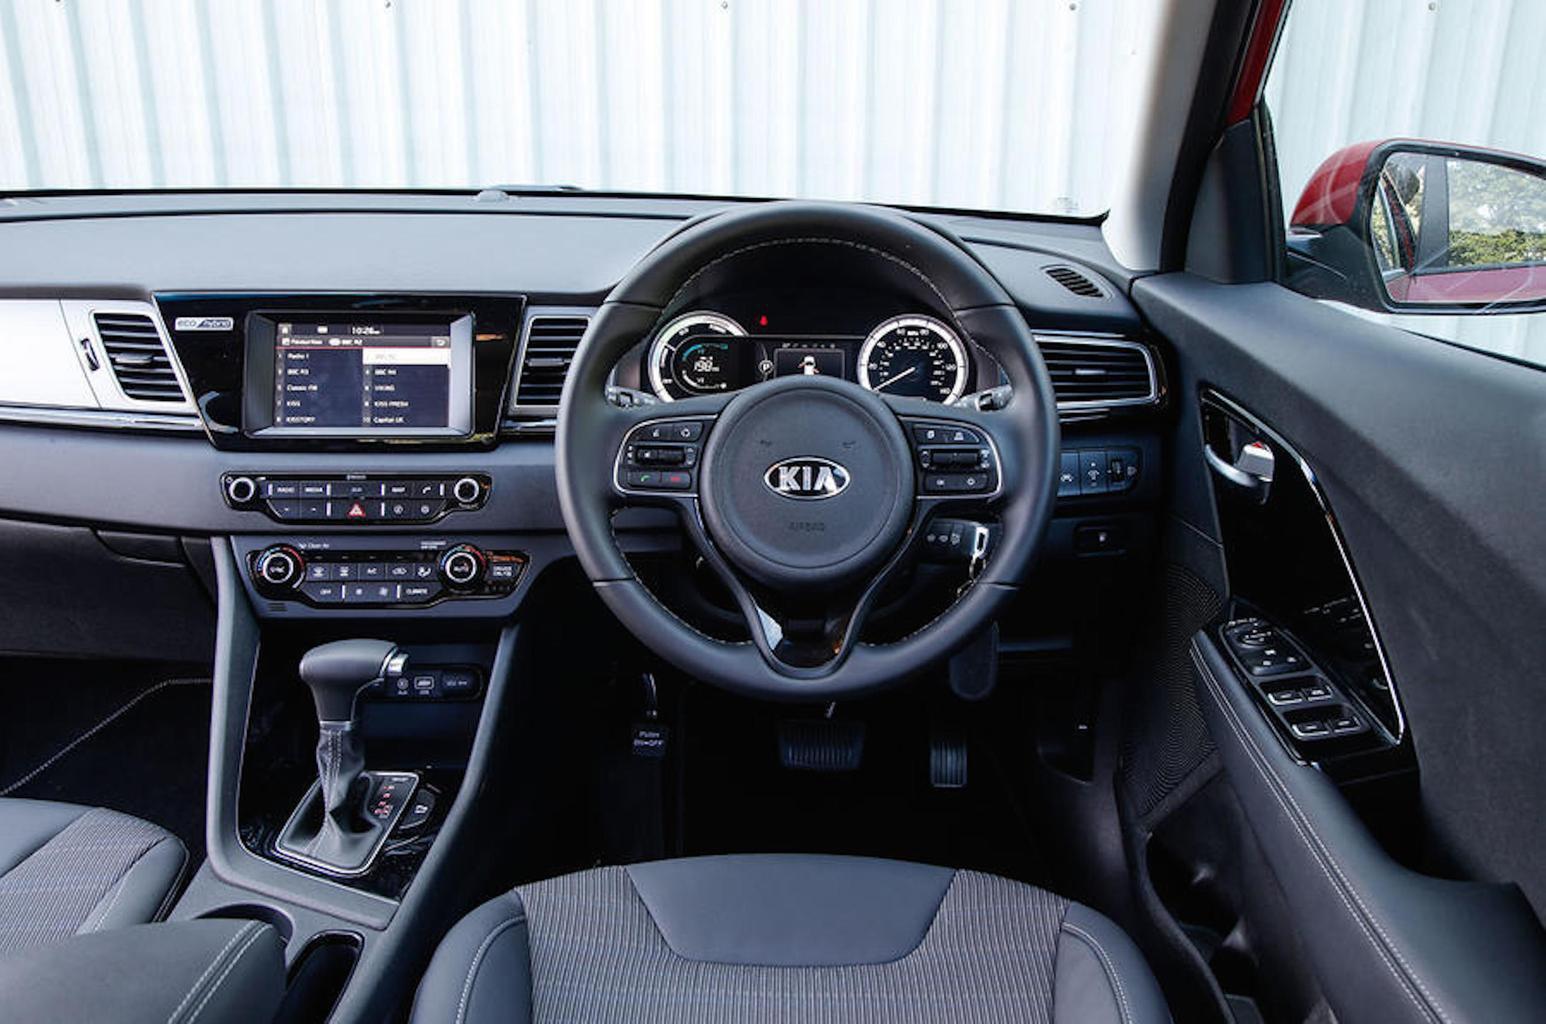 Kia Niro 1.6 GDi 2 DCT - interior